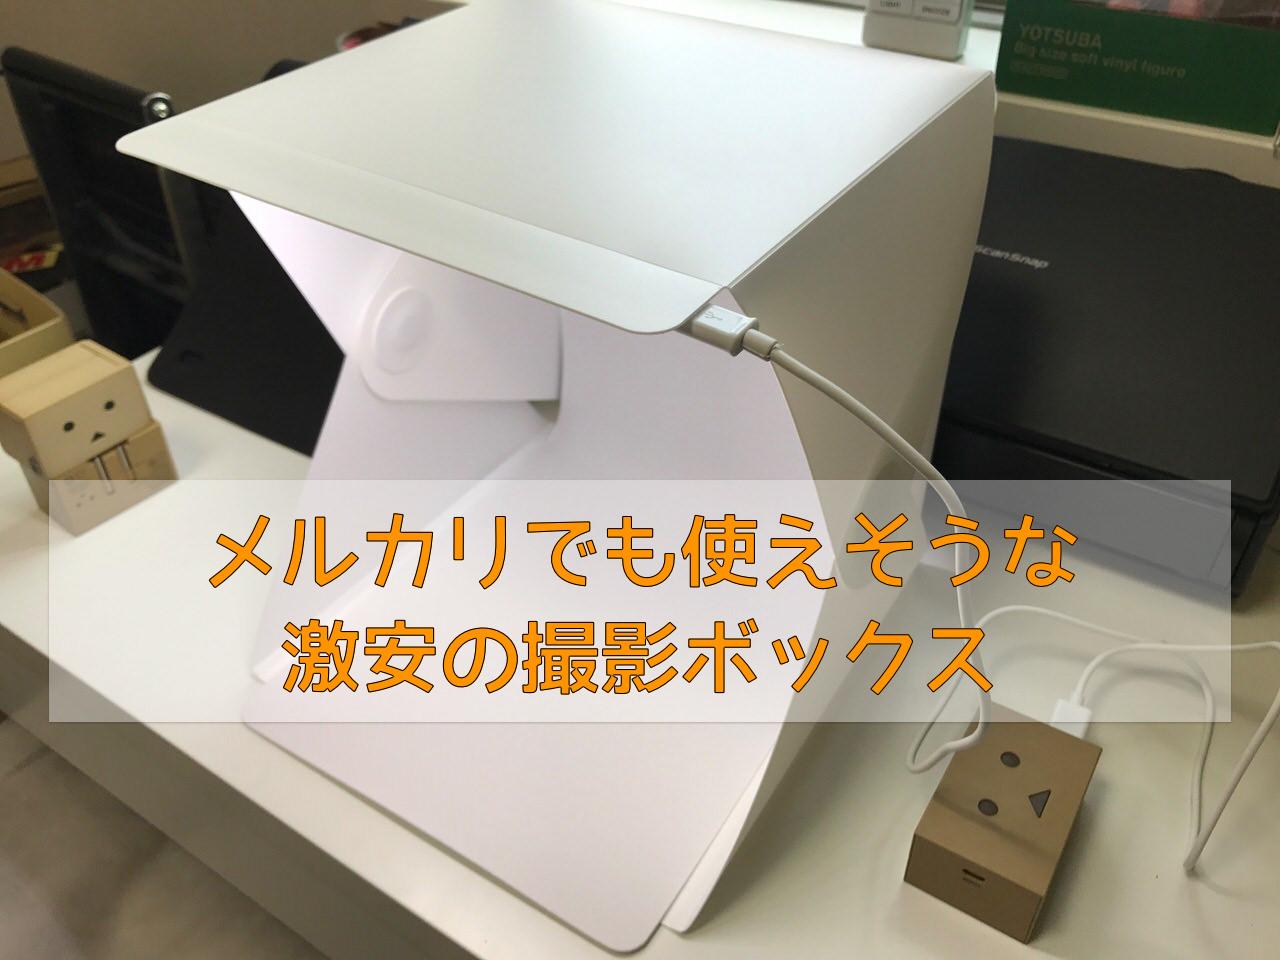 Amazonで購入した激安880円「撮影ボックス」レビュー